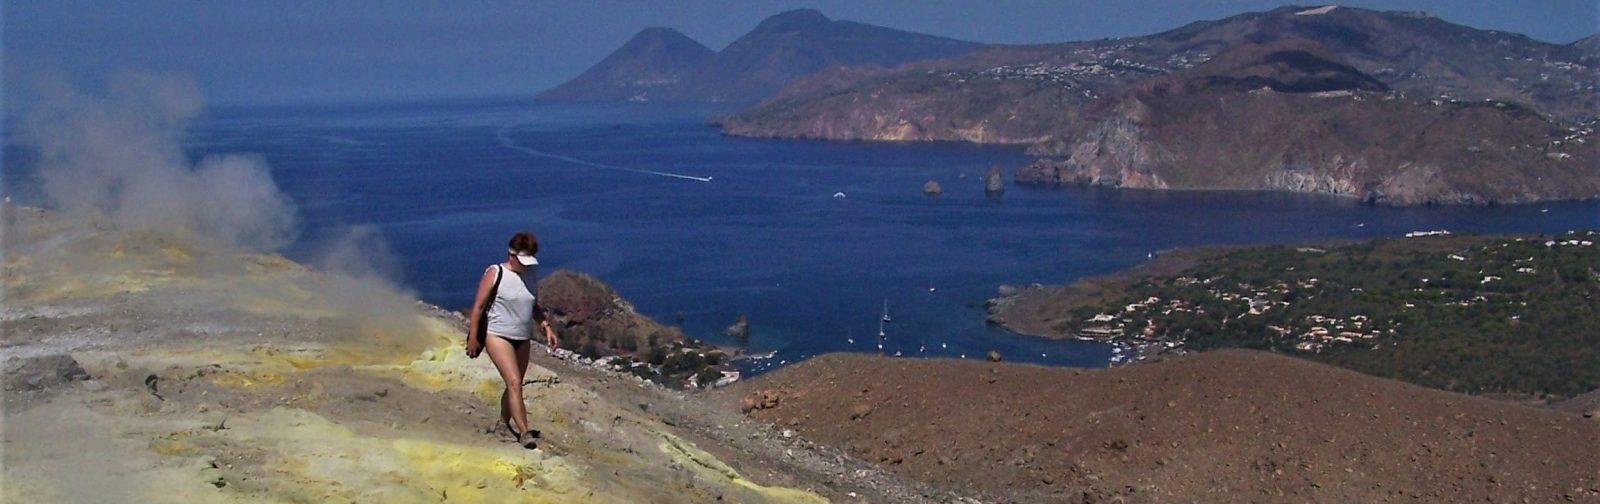 Øhop på vulkaner